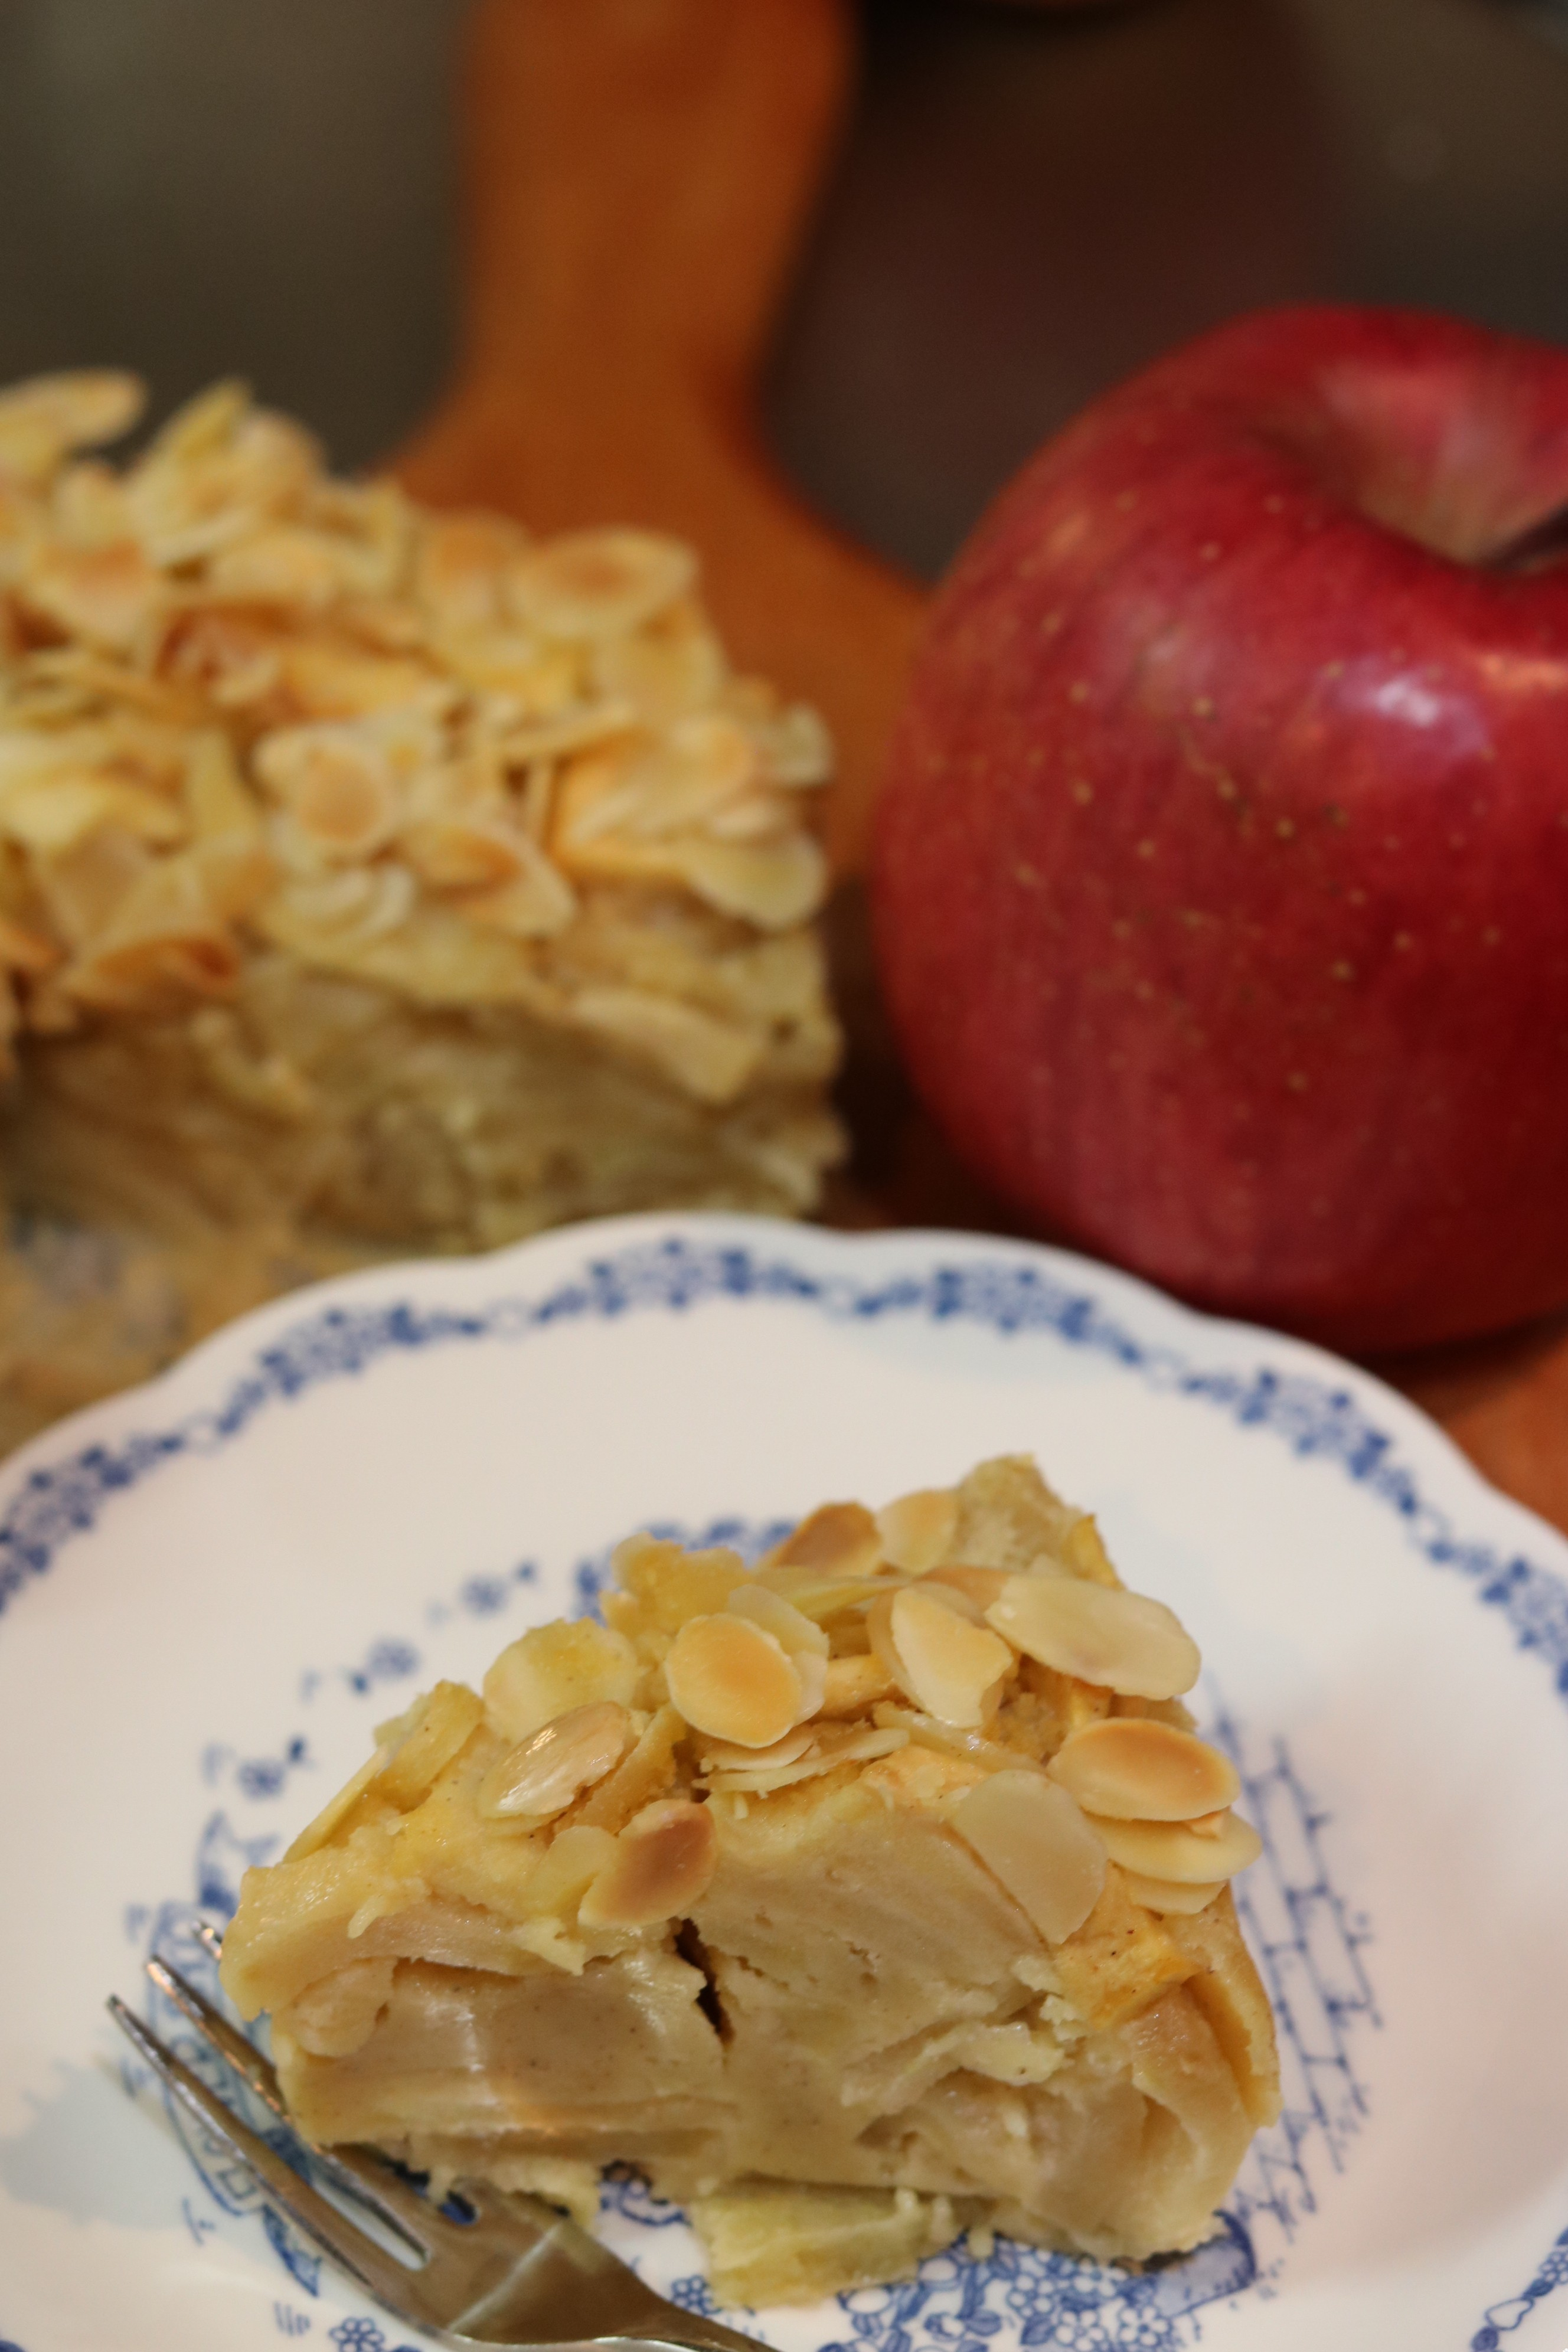 りんごのガトーインビジブルの試食